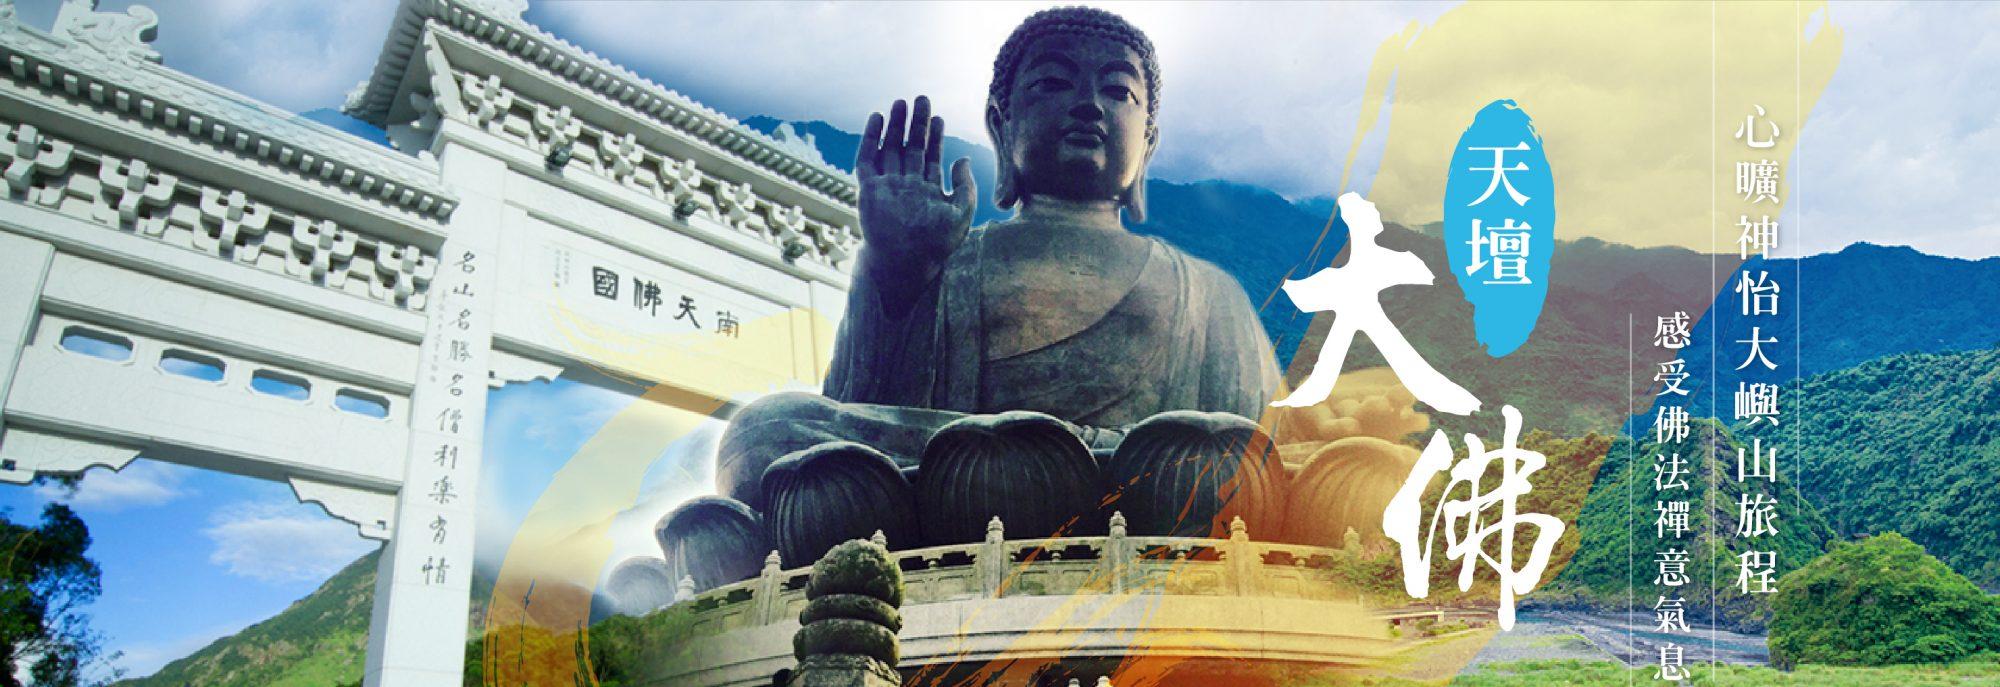 建華旅運 Kienhwa Travel